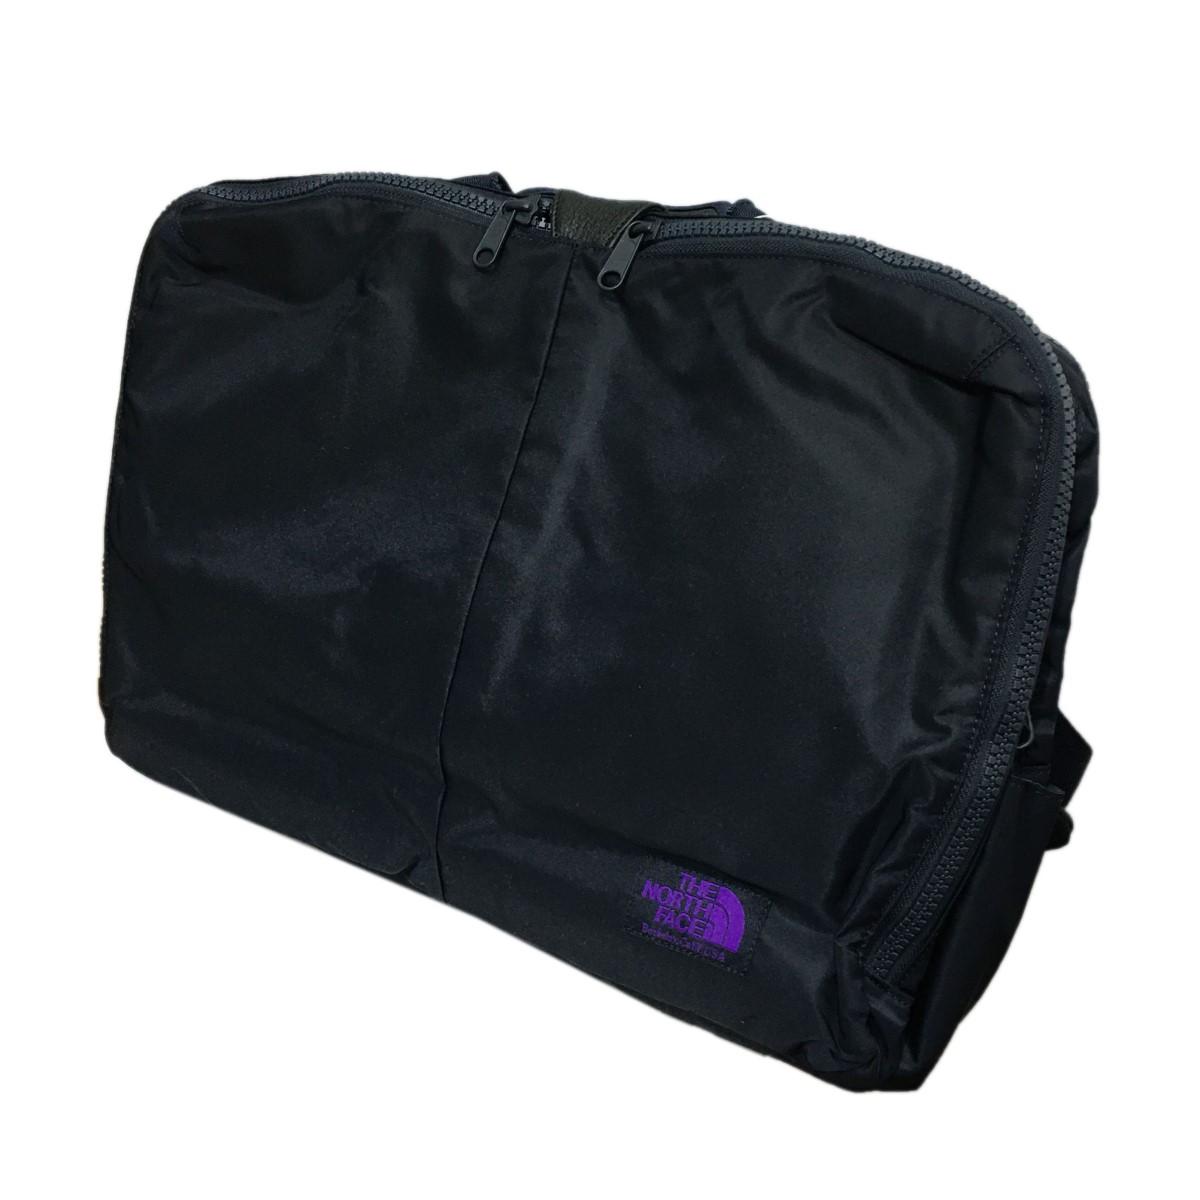 パープルレーベル 3way Bag